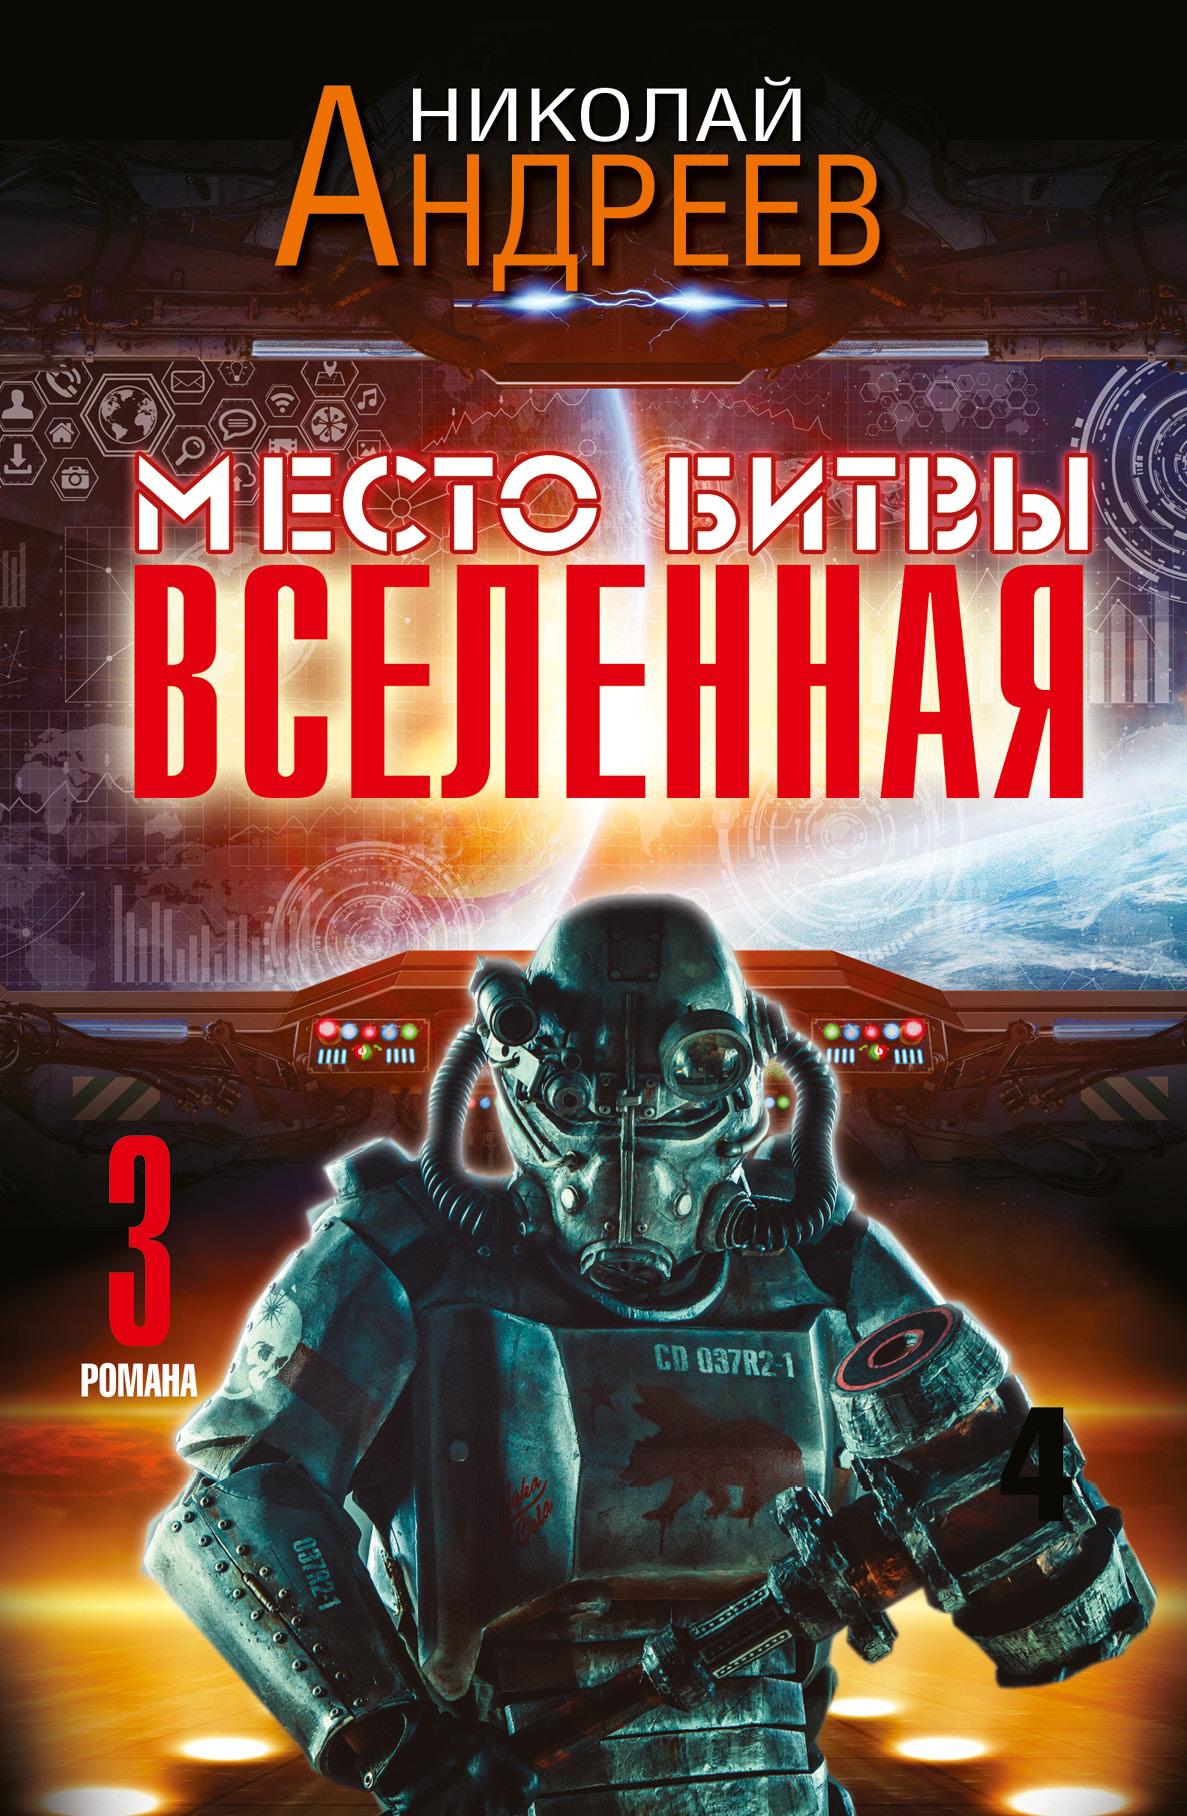 Андреев Н.Ю. Место битвы - Вселенная. 3 романа кайл иторр право битвы